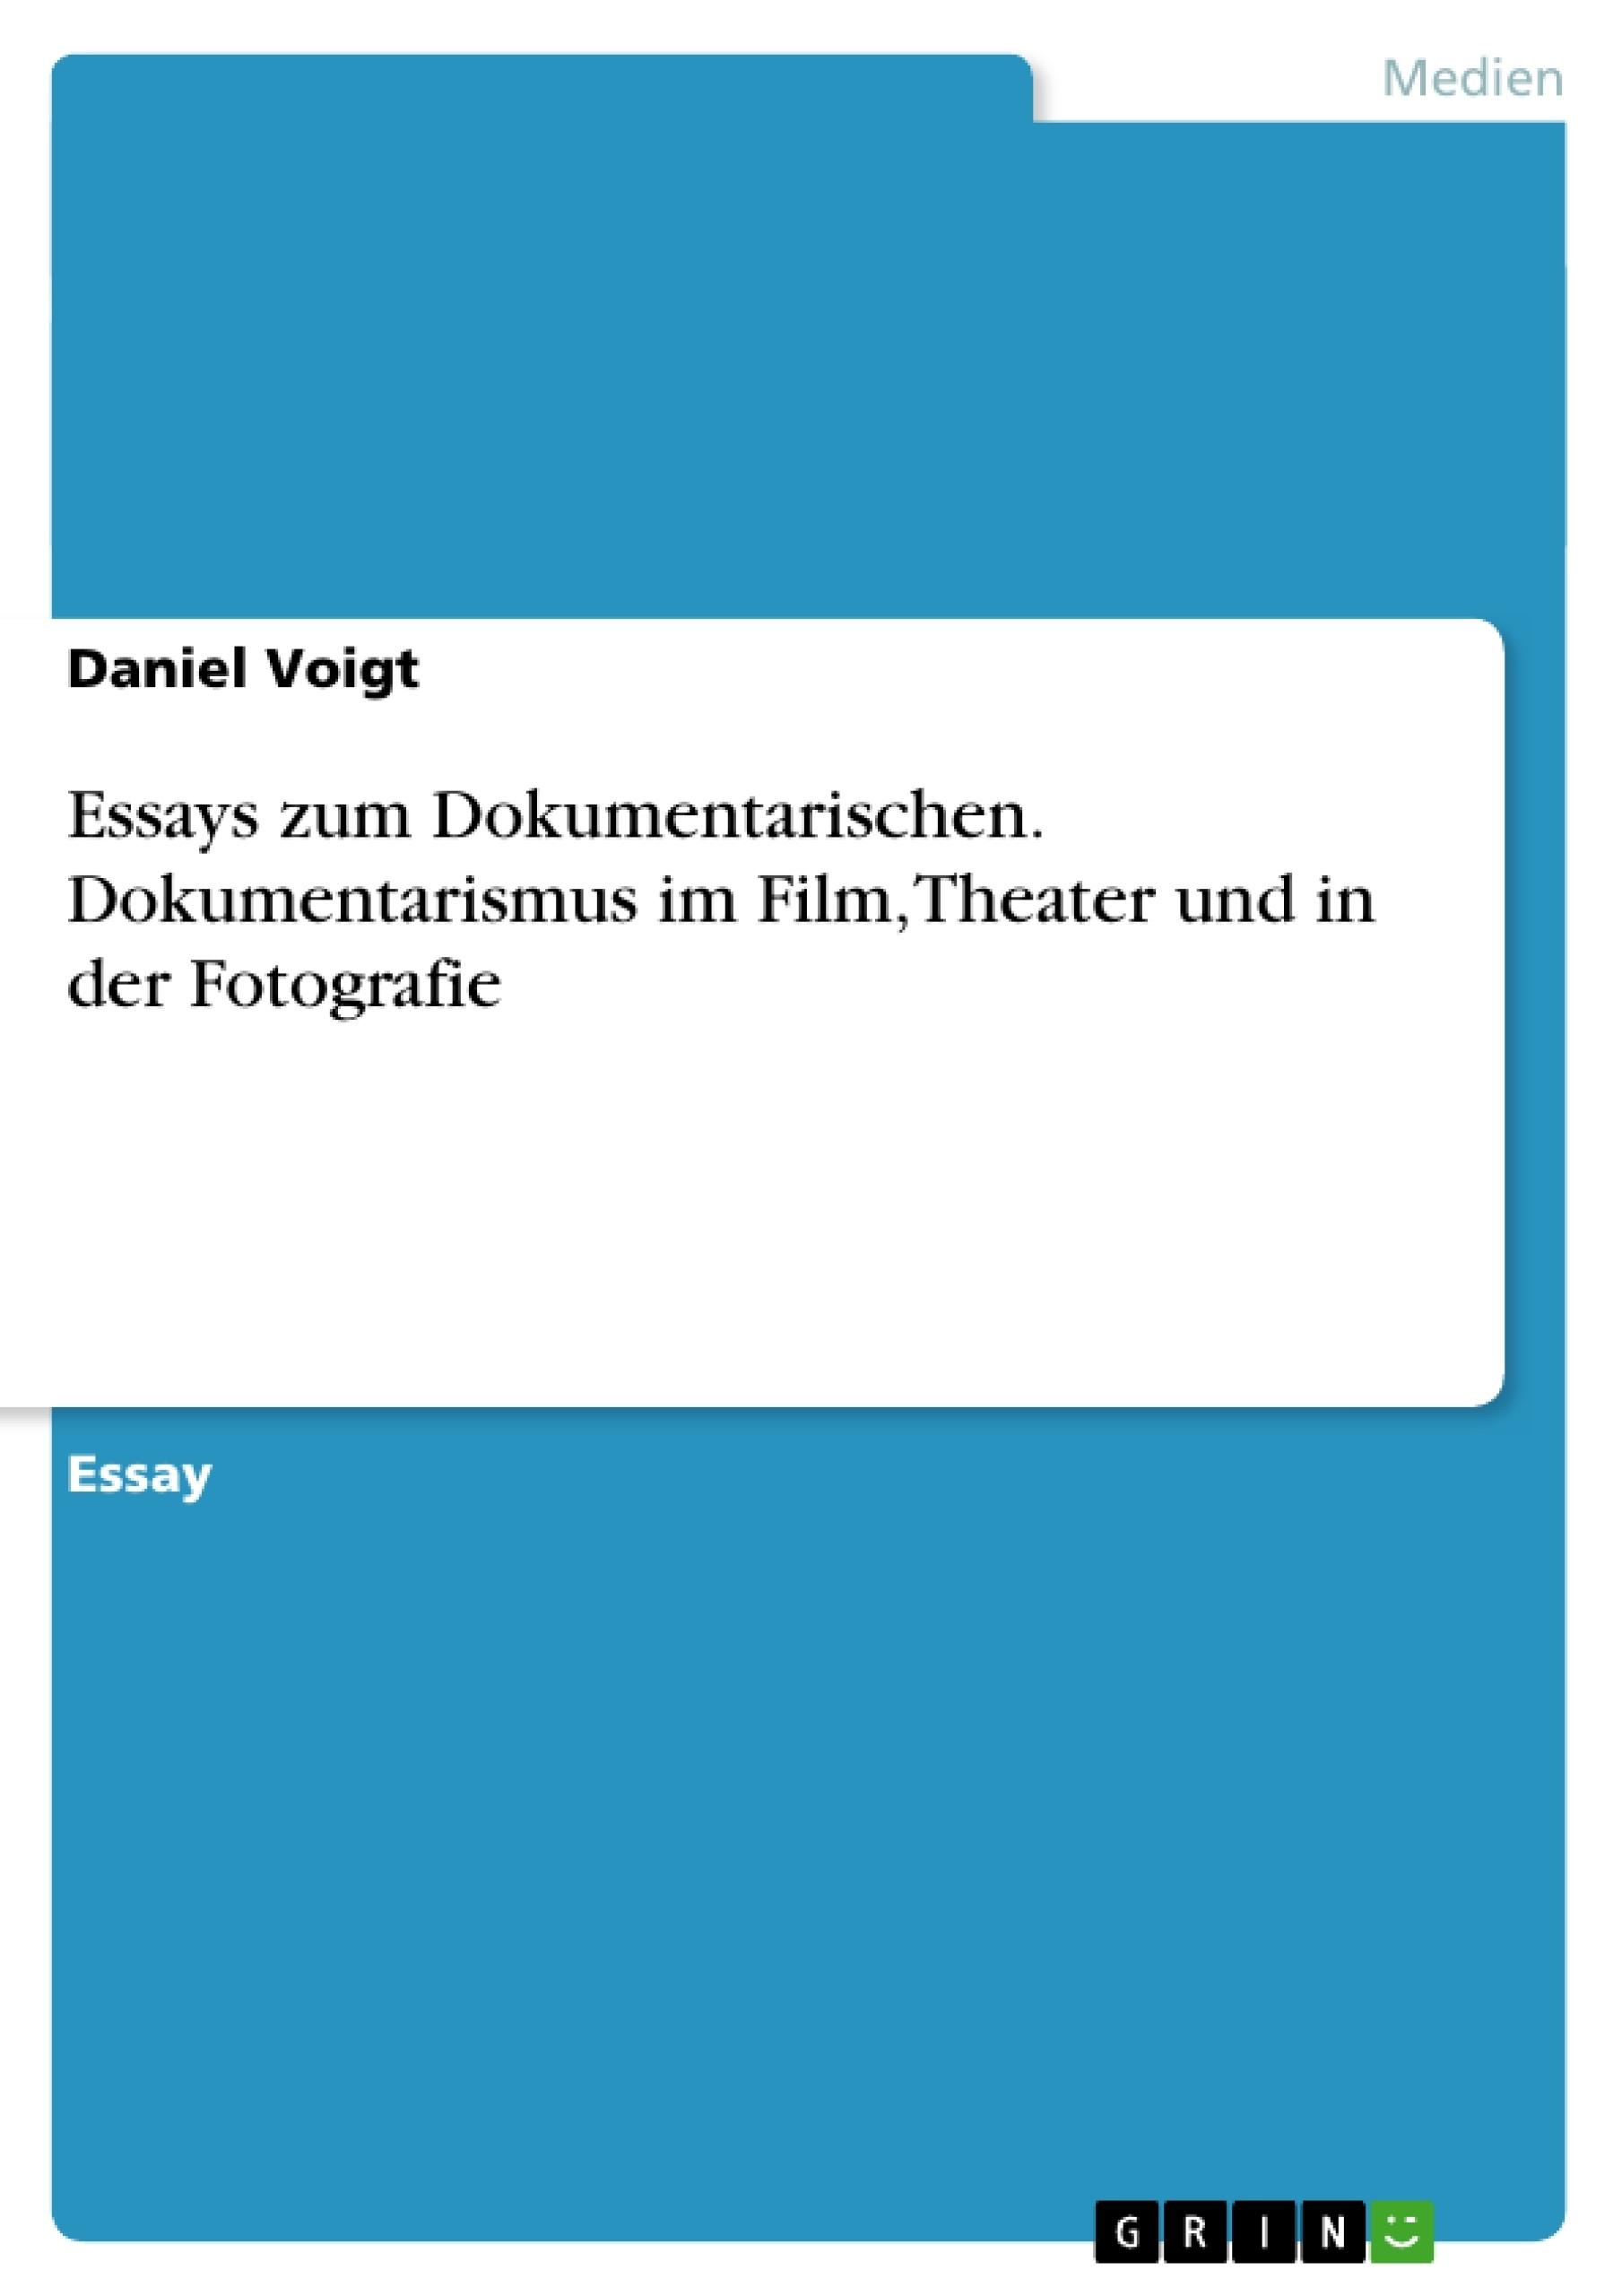 Titel: Essays zum Dokumentarischen. Dokumentarismus im Film, Theater und in der Fotografie